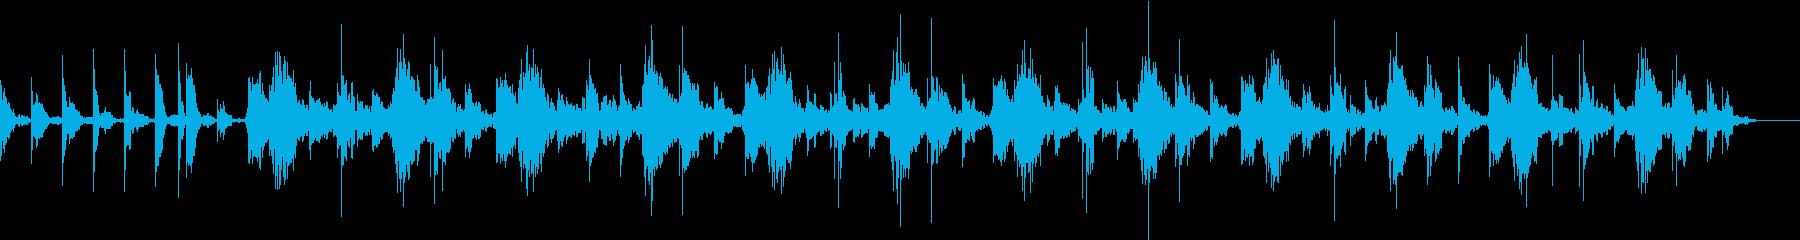 赤ちゃんの泣き止む音楽の再生済みの波形